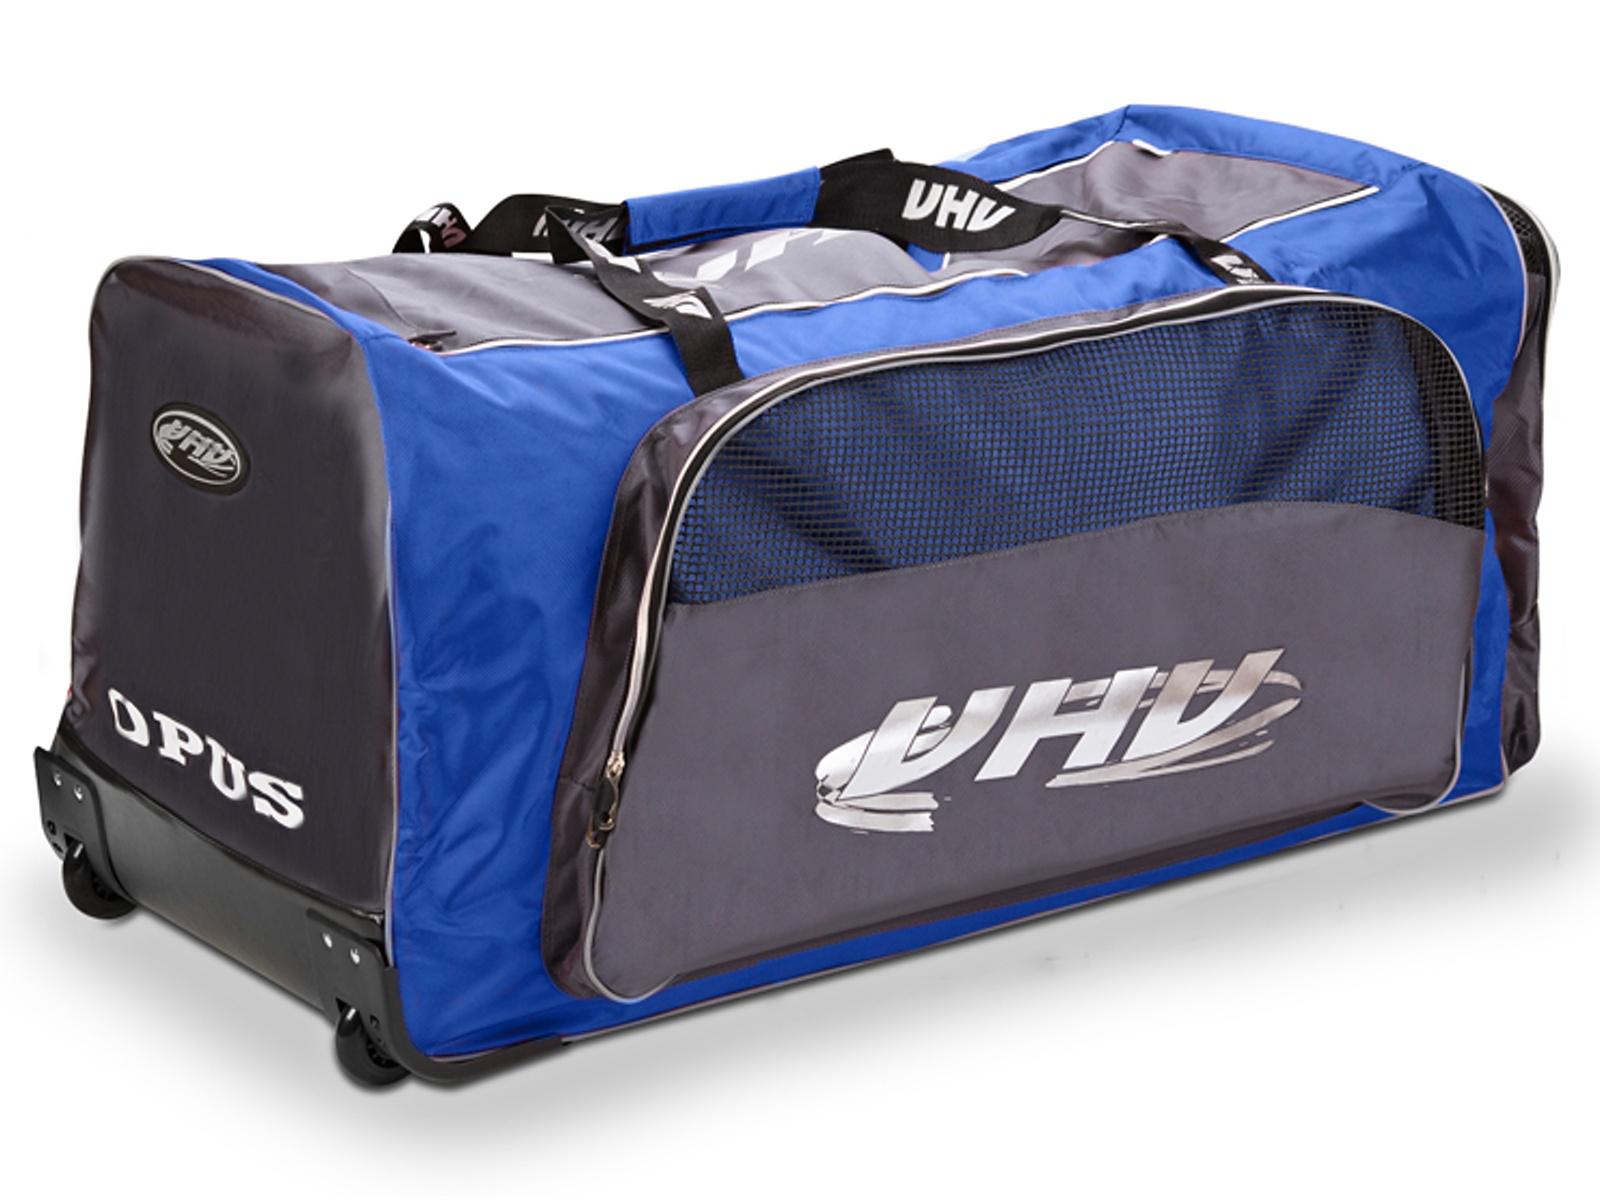 Hokejová taška OPUS 4088 na kolečkách senior modro-šedá